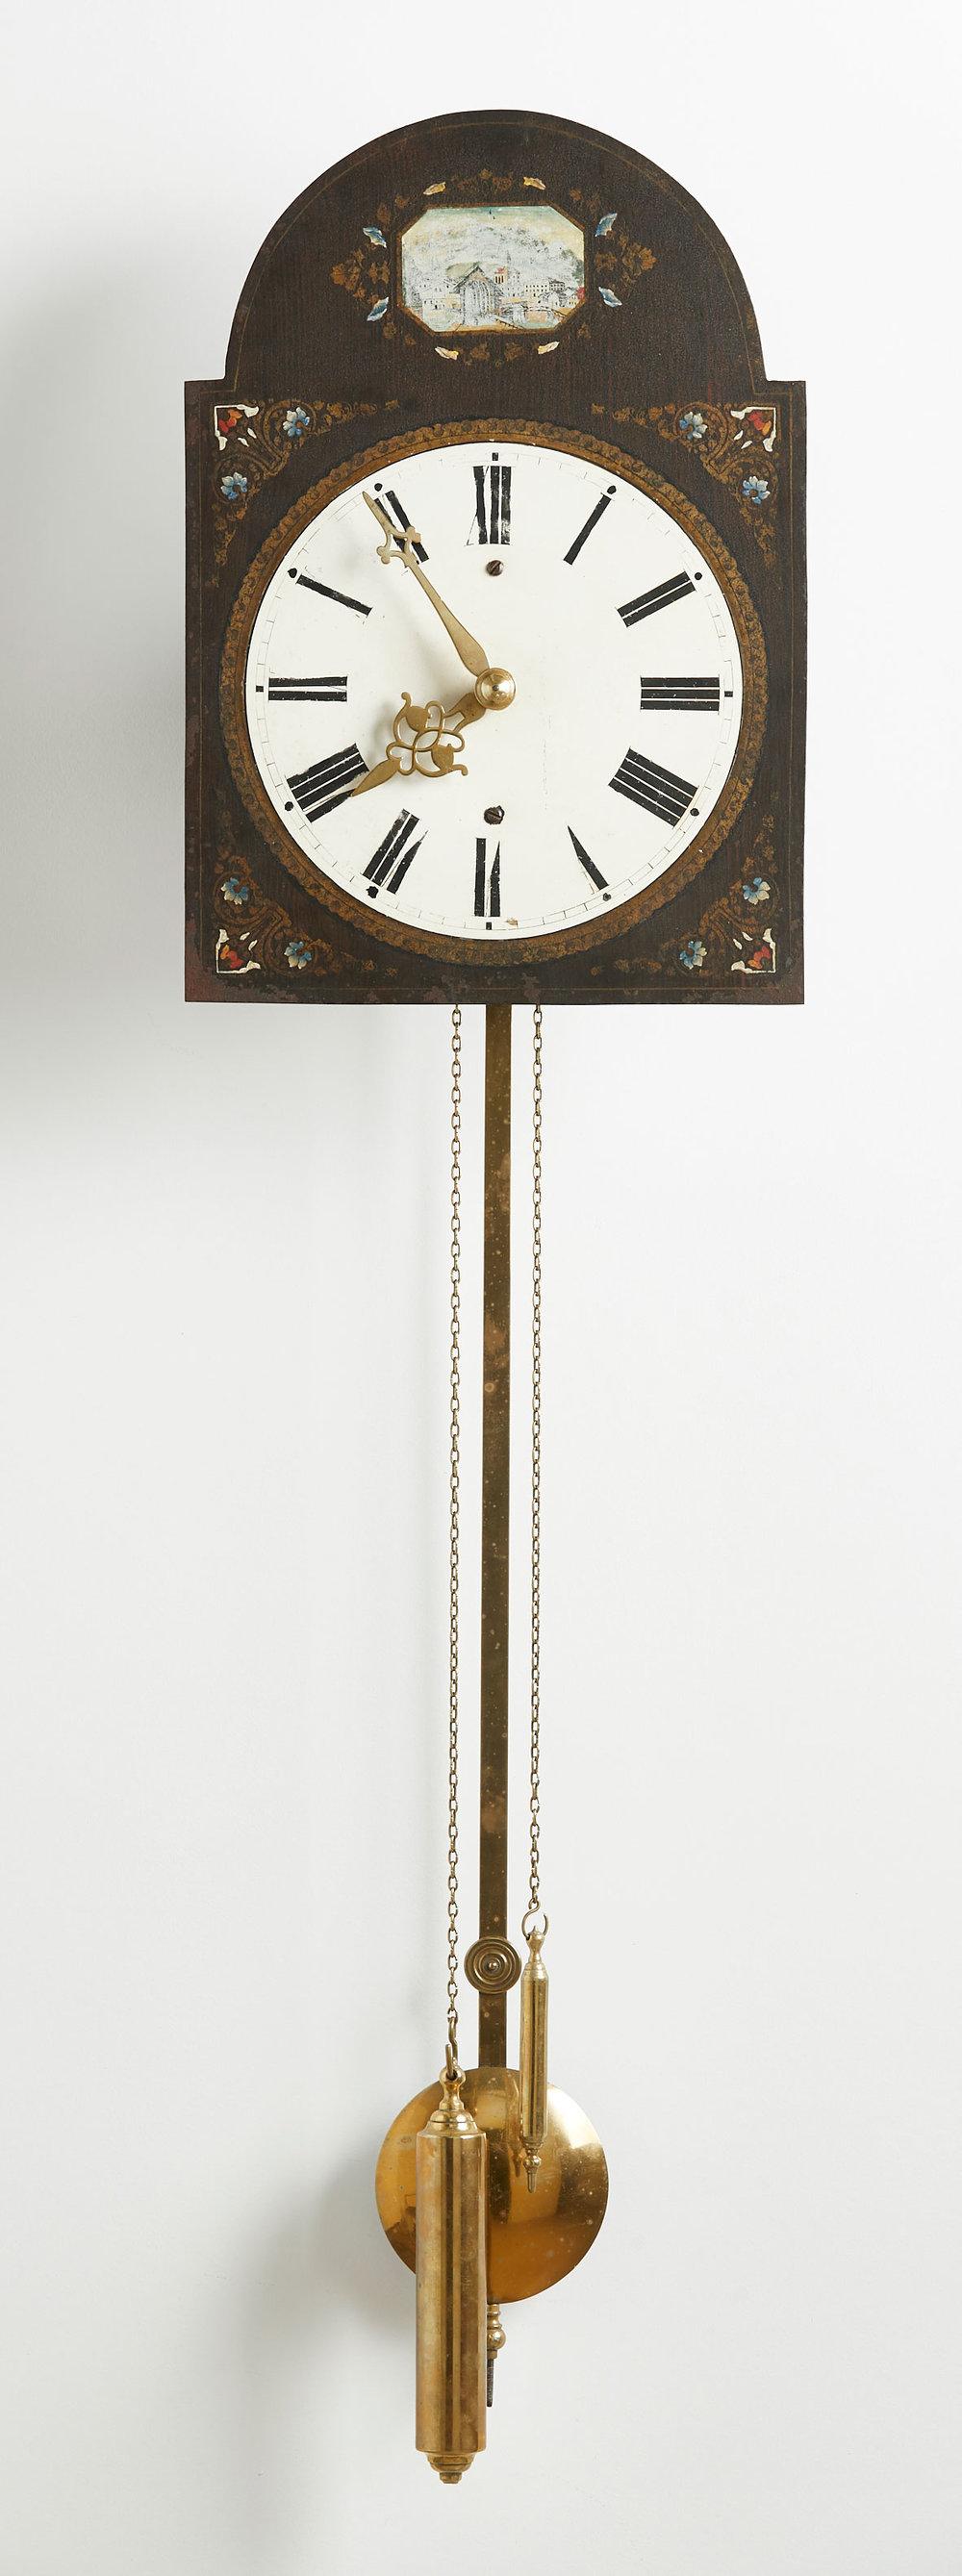 kroeger-clock-mandtler-mc0217-2.jpg